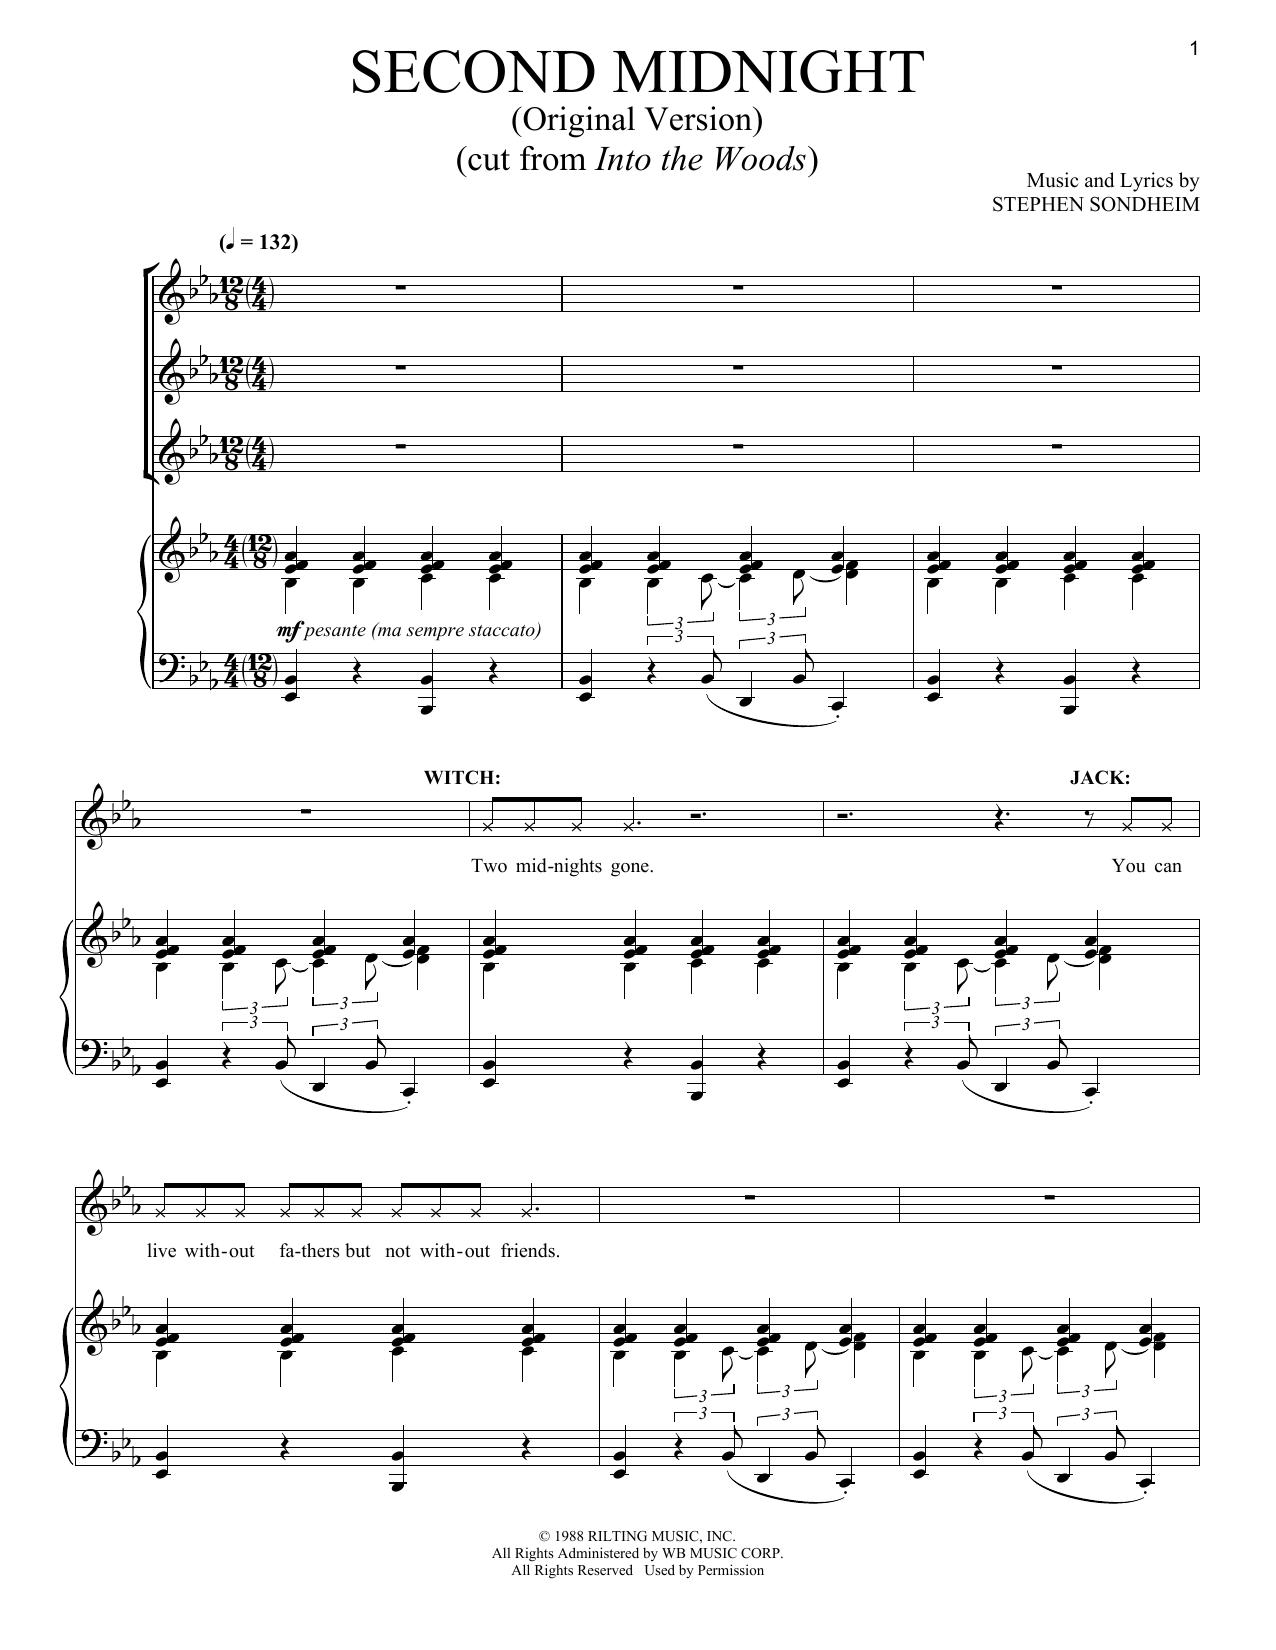 Stephen Sondheim - Second Midnight (Original Version)